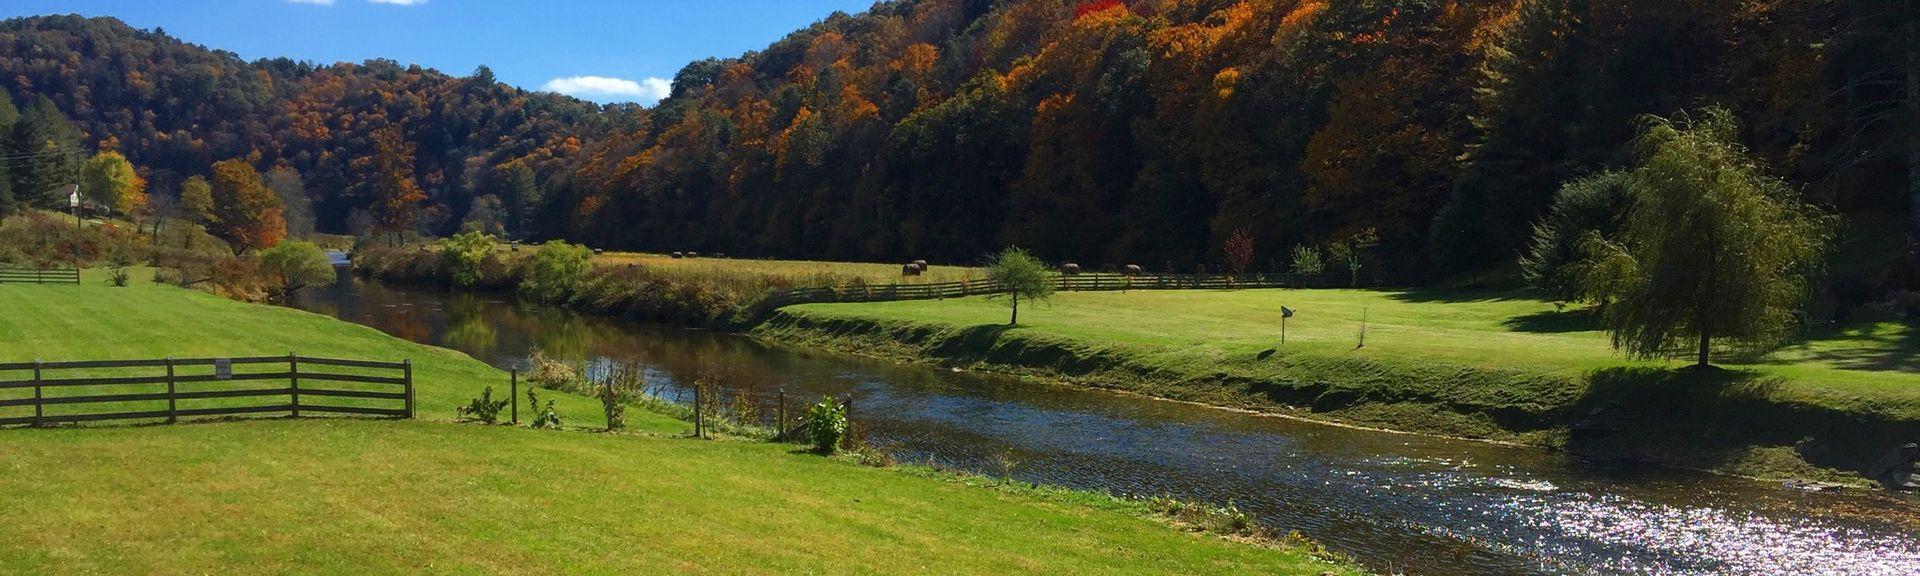 Parque Broyhill, Blowing Rock, Carolina do Norte, Estados Unidos